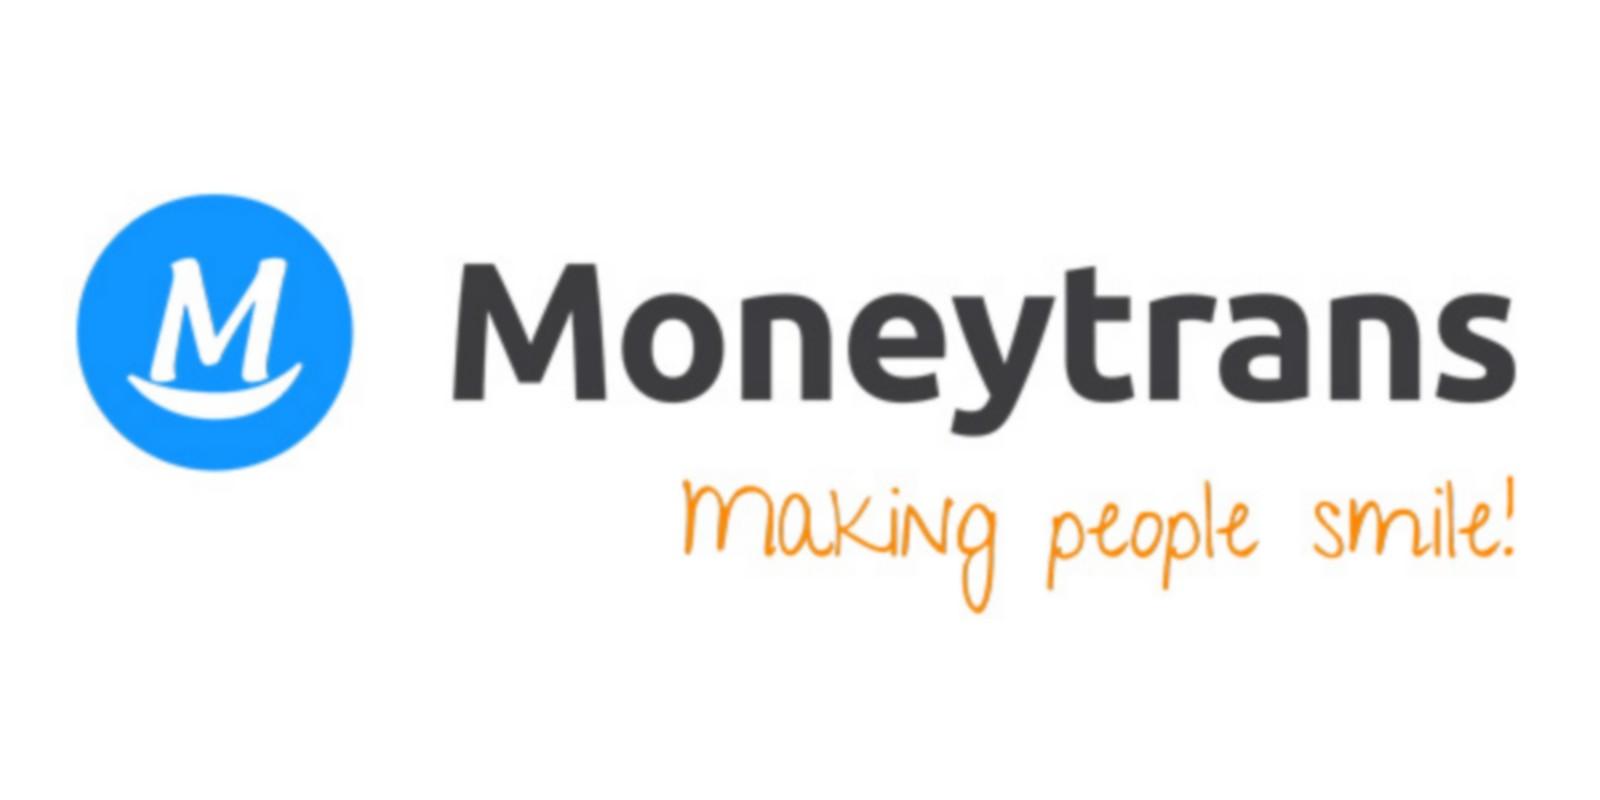 [ECONOMIE] Moneytrans, le service de transfert d'argent arrive en France